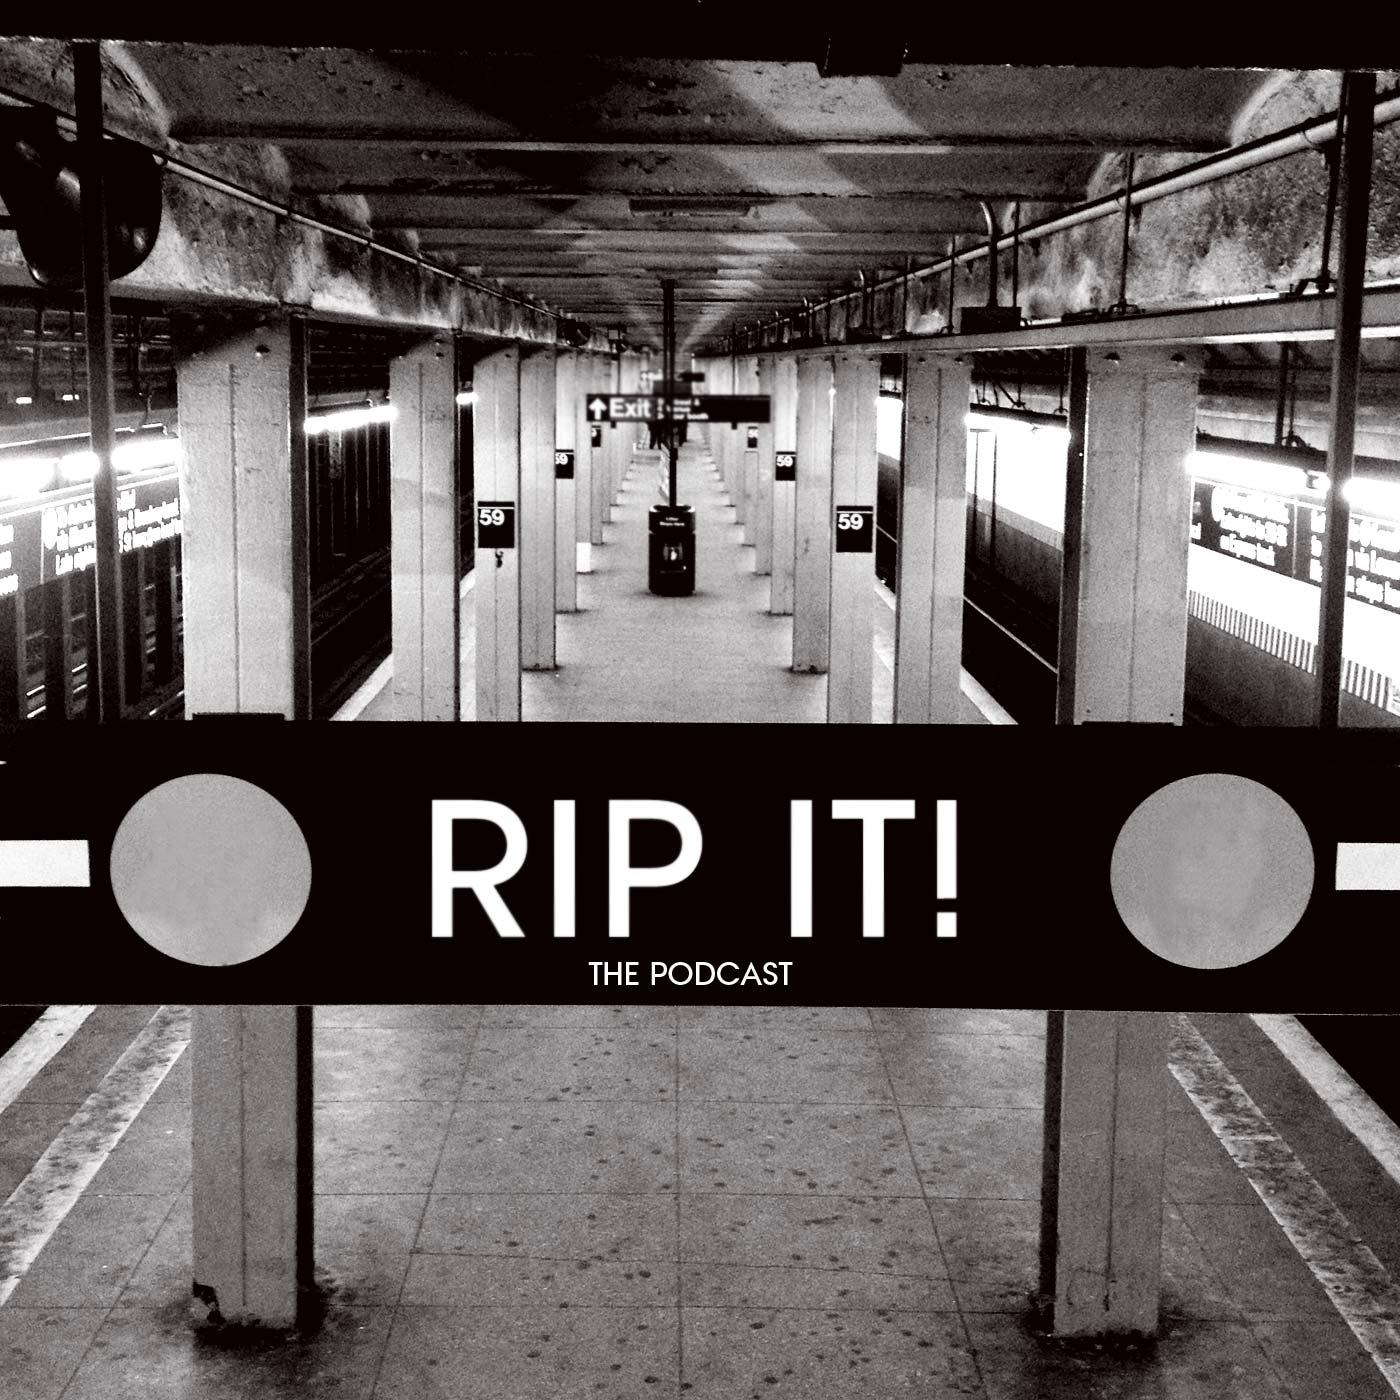 RIP IT! PODCAST - RIP IT!